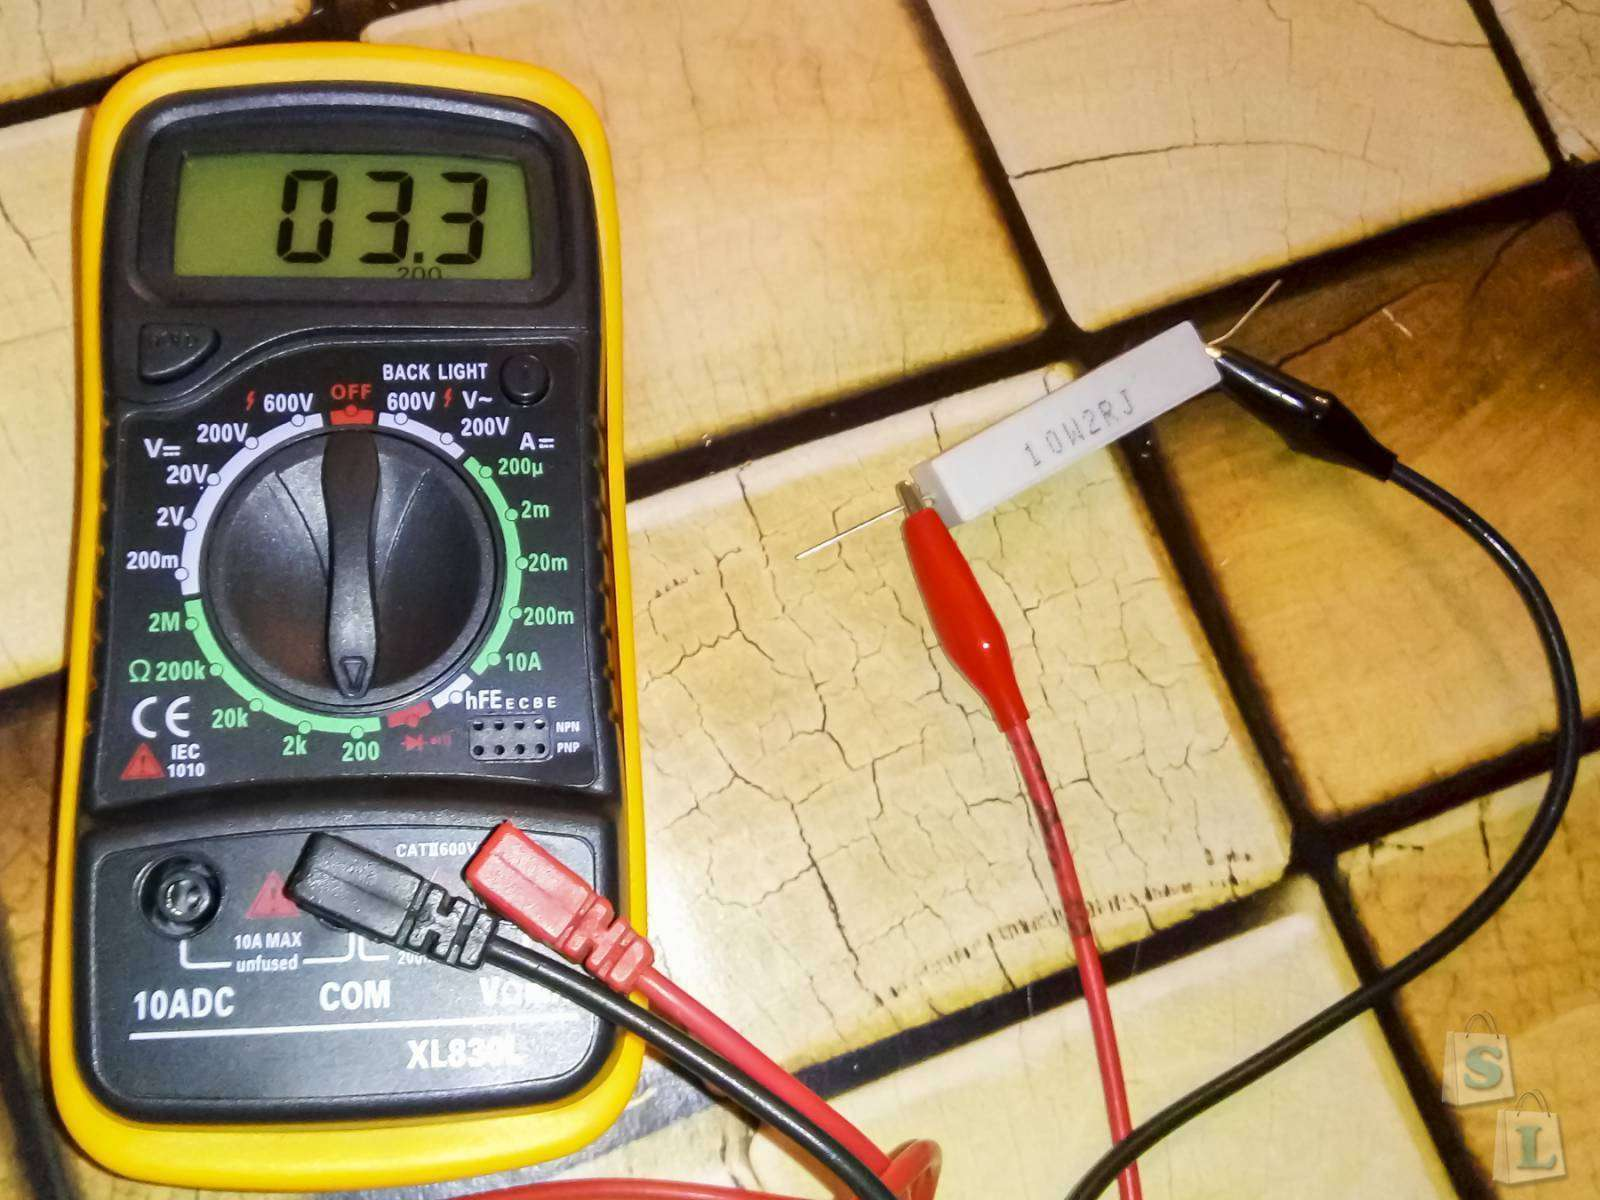 Aliexpress: Набор керамических резисторов - 2 ома, 10 Ватт